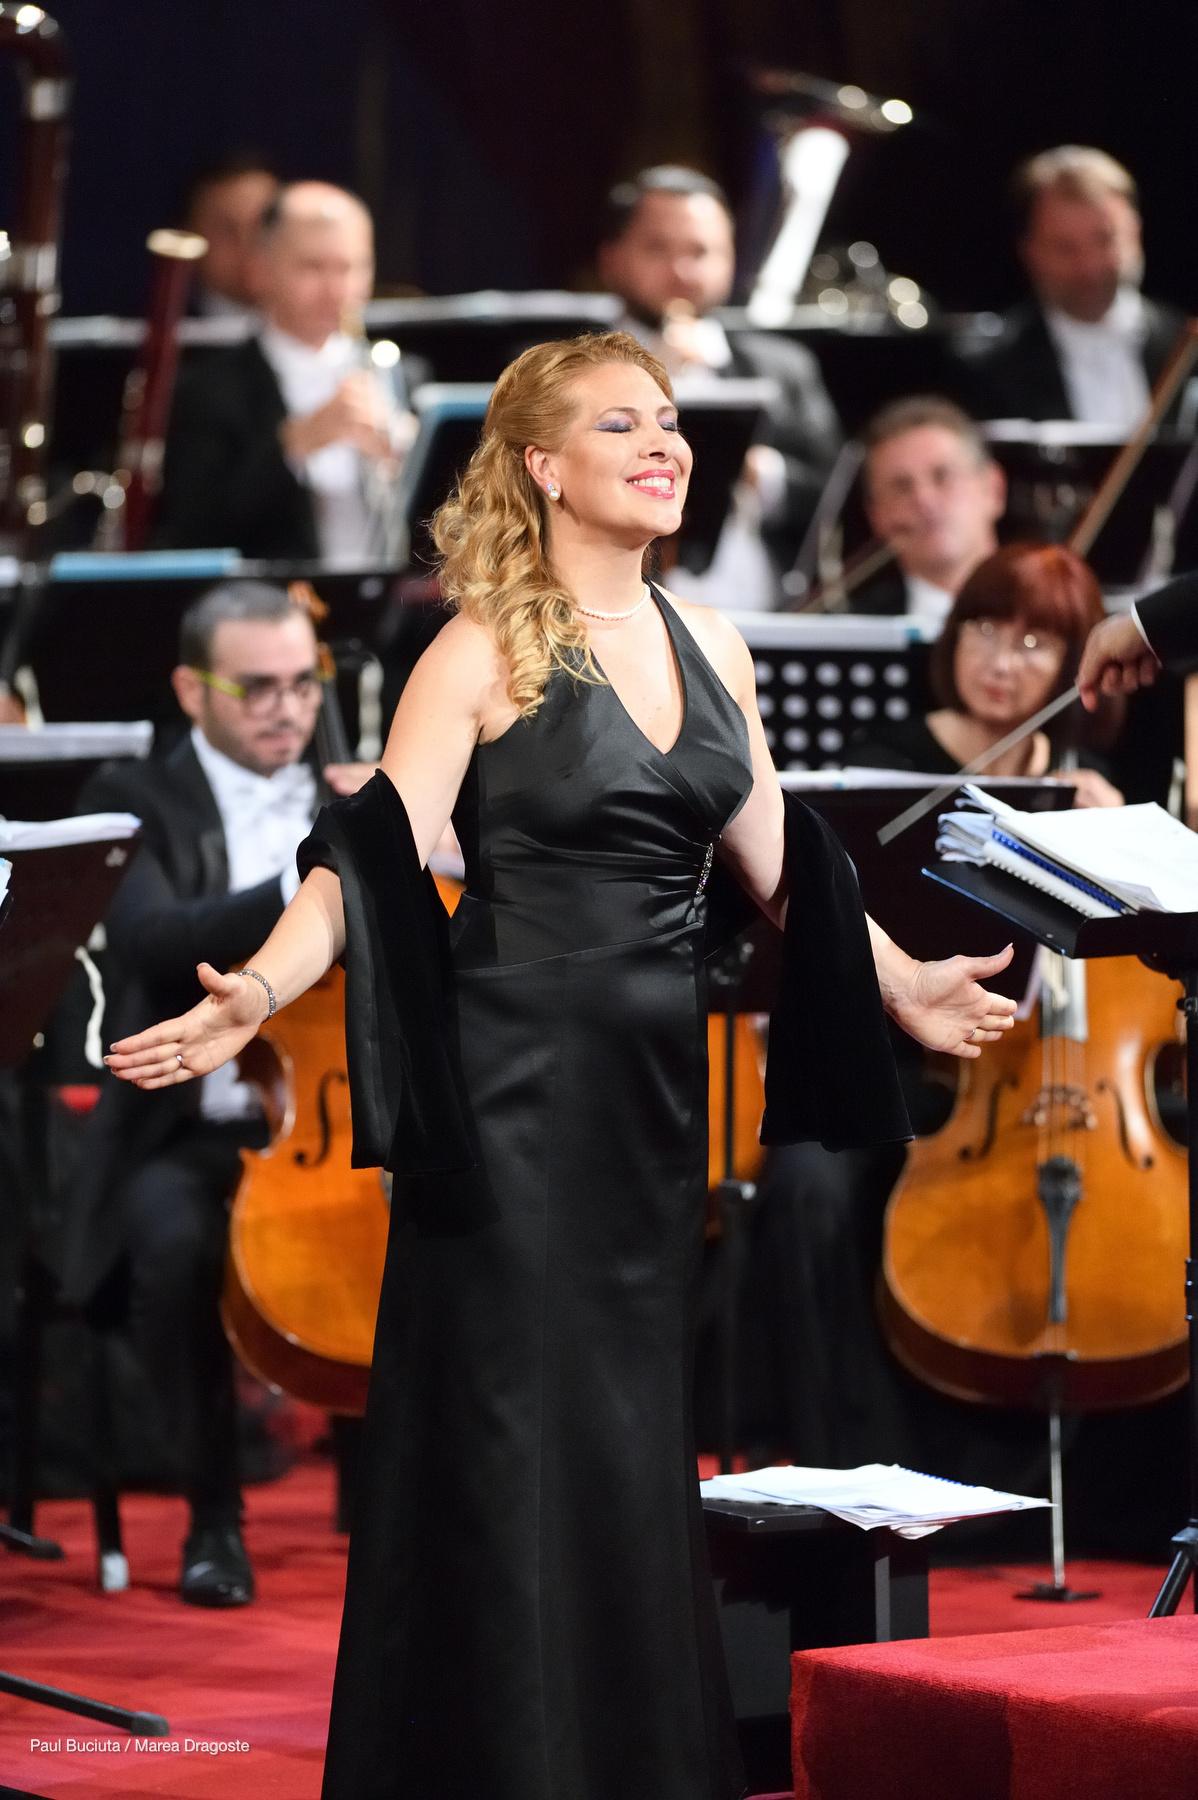 Liliana Mattei Ciucă la Gala Extraordinară de Operă - deschiderea stagiunii 2016-2017 la Opera Nationala București